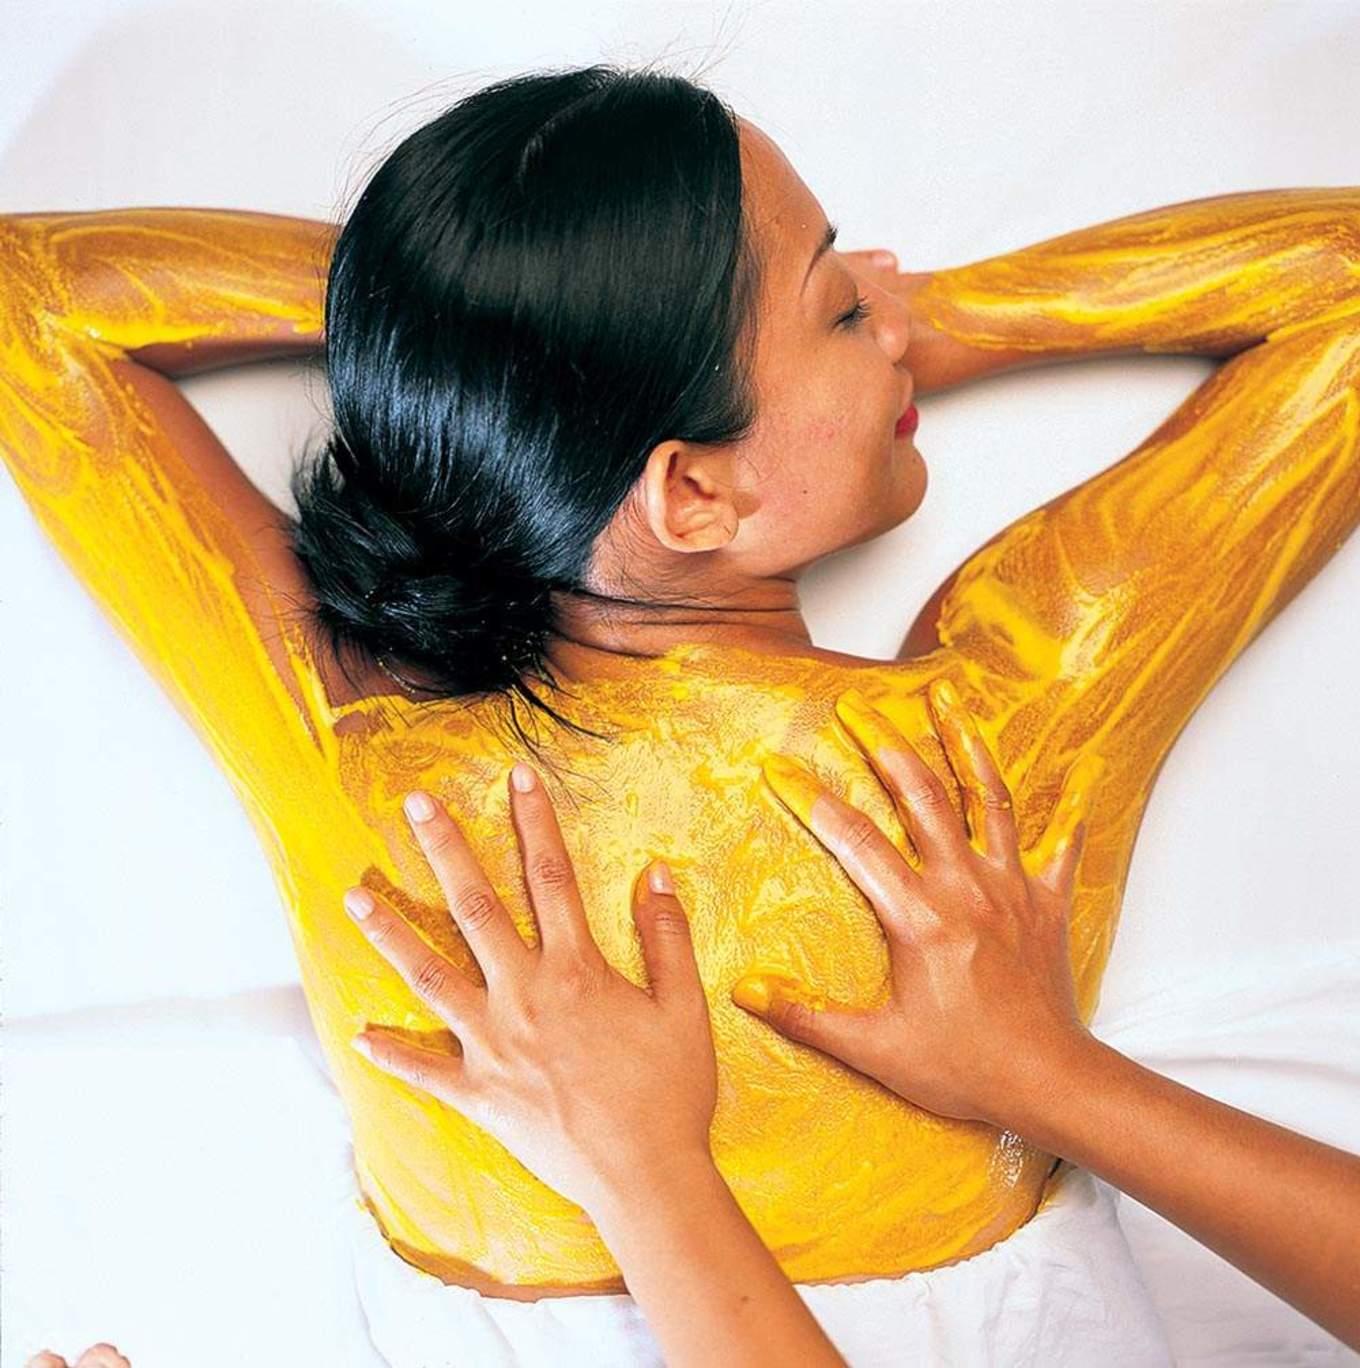 chăm sóc cơ thể tại spa ở bali